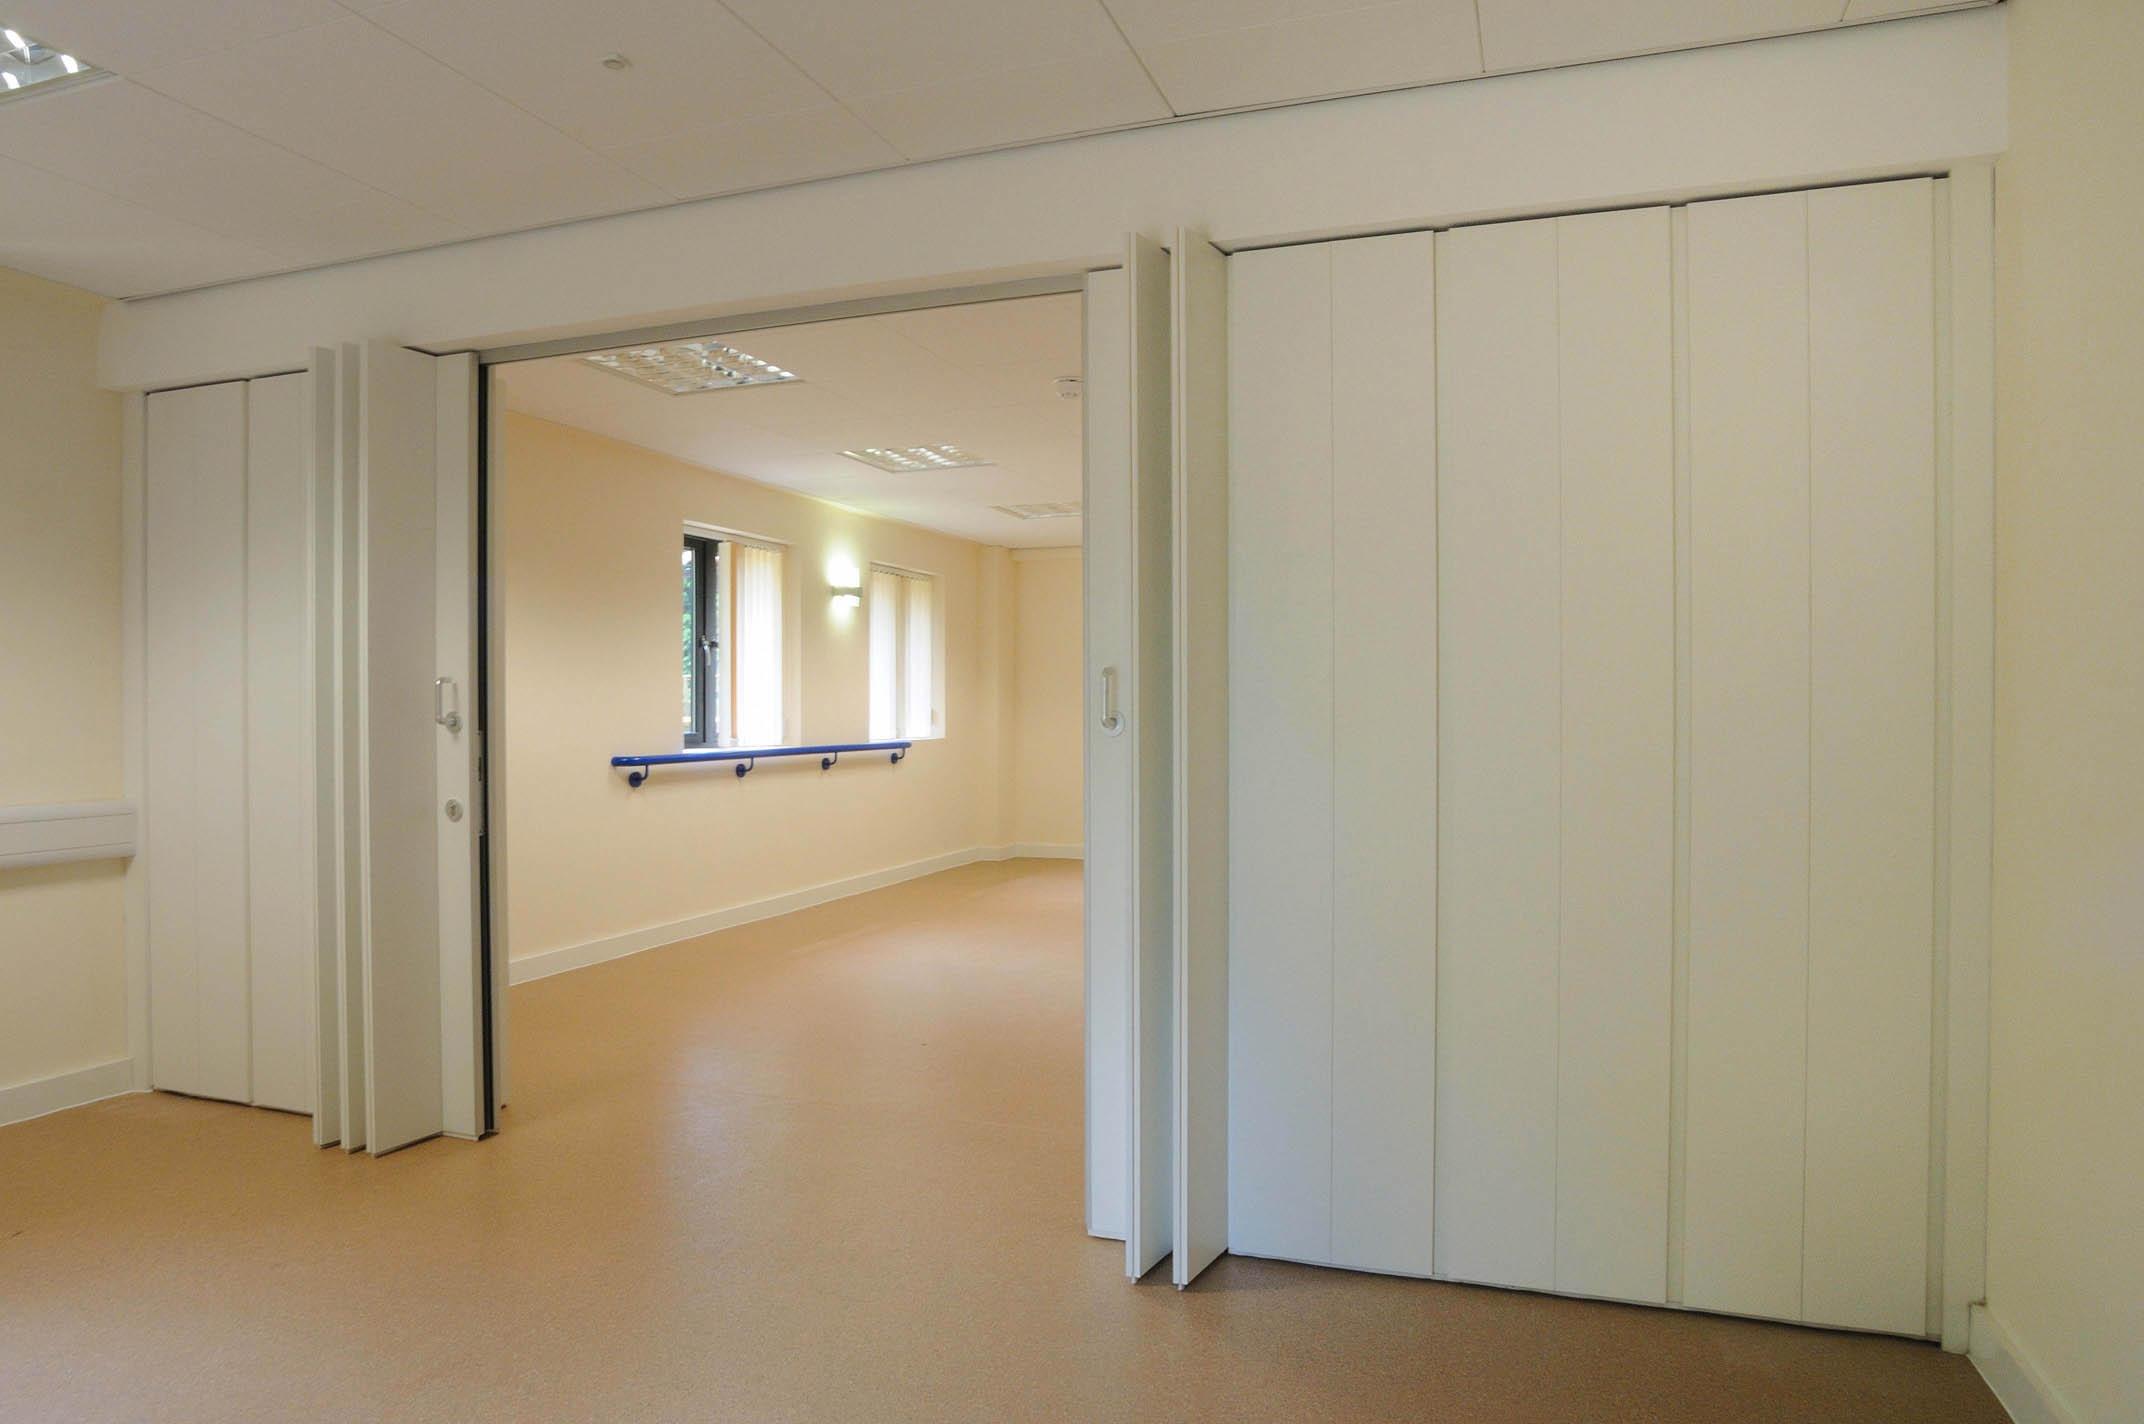 Sliding Door Room Divider Wall System Sliding Doors